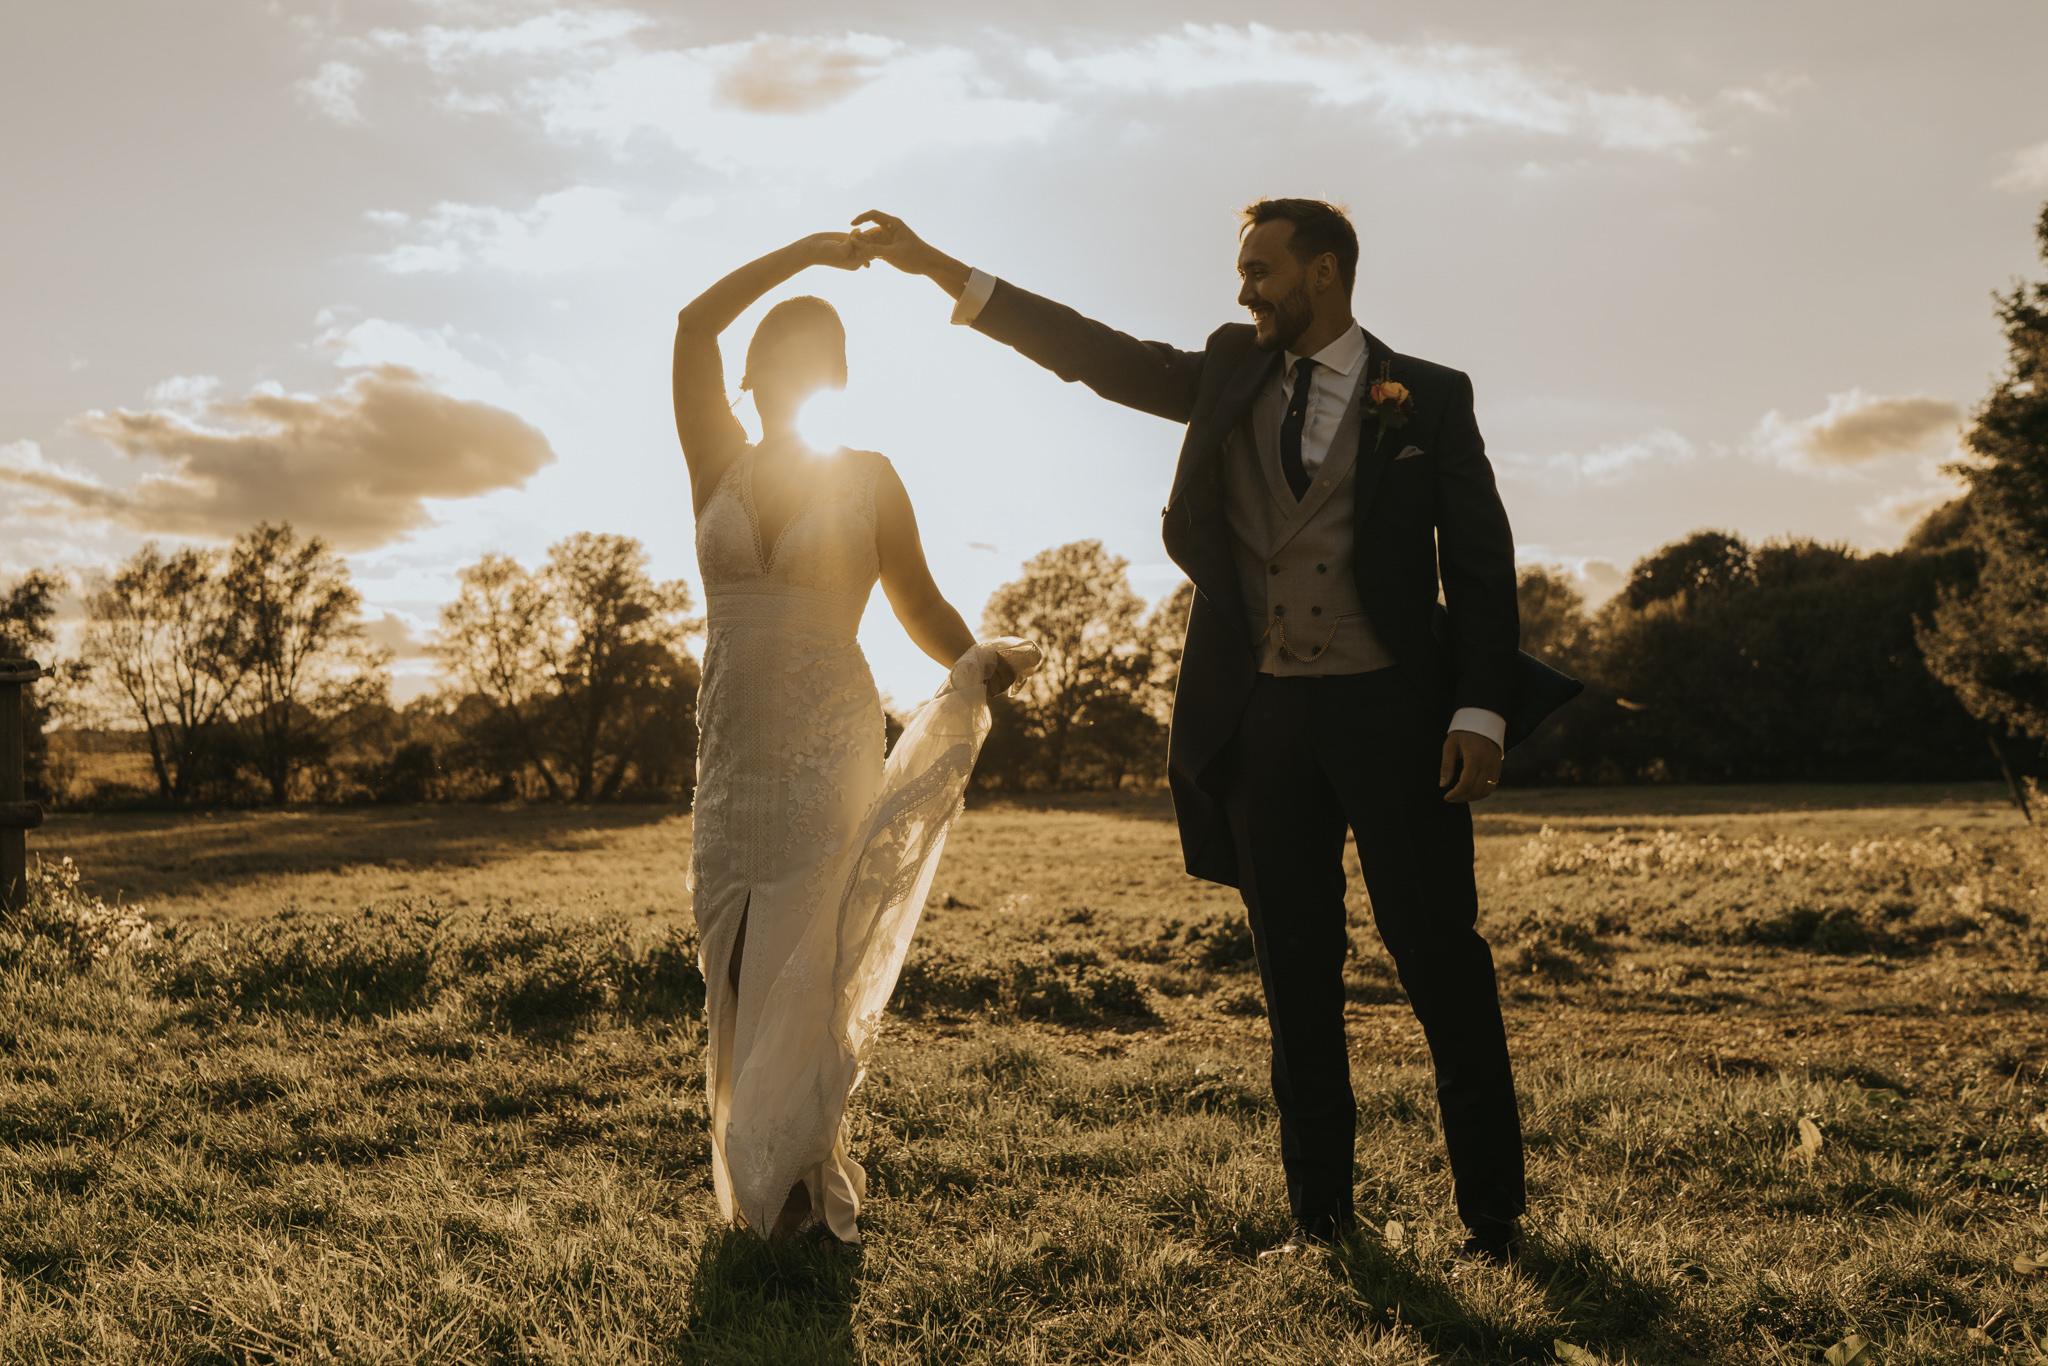 grace-elizabeth-essex-wedding-photographer-best-2018-highlights-norfolk-essex-devon-suffolk (73 of 100).jpg